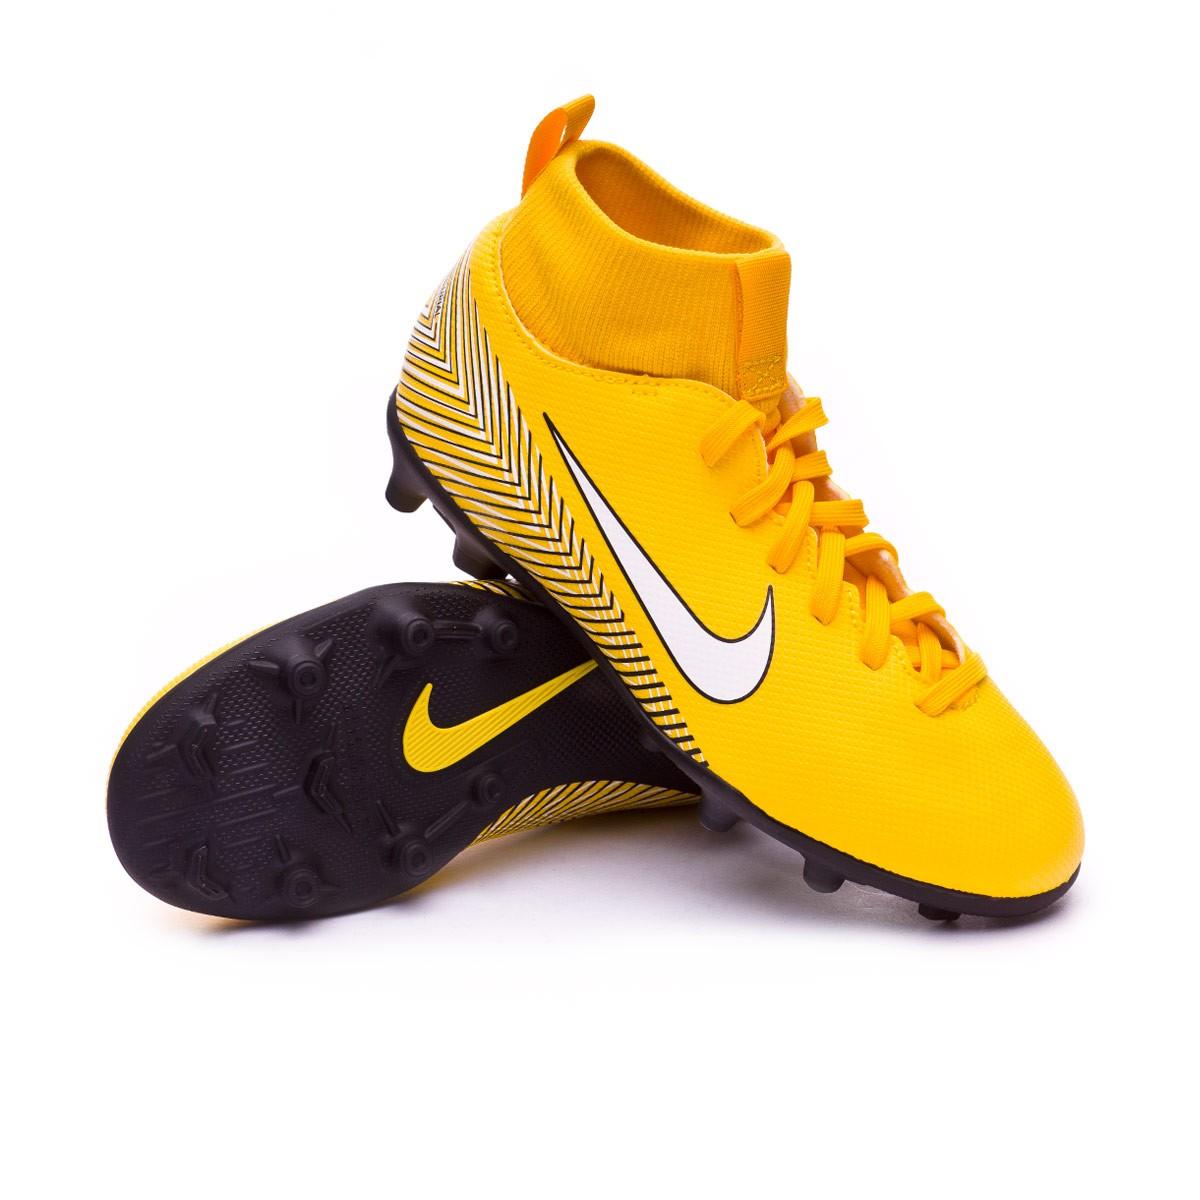 901eaebbb3965 Football Boots Nike Kids Mercurial Superfly VI Club MG Neymar Yellow ...